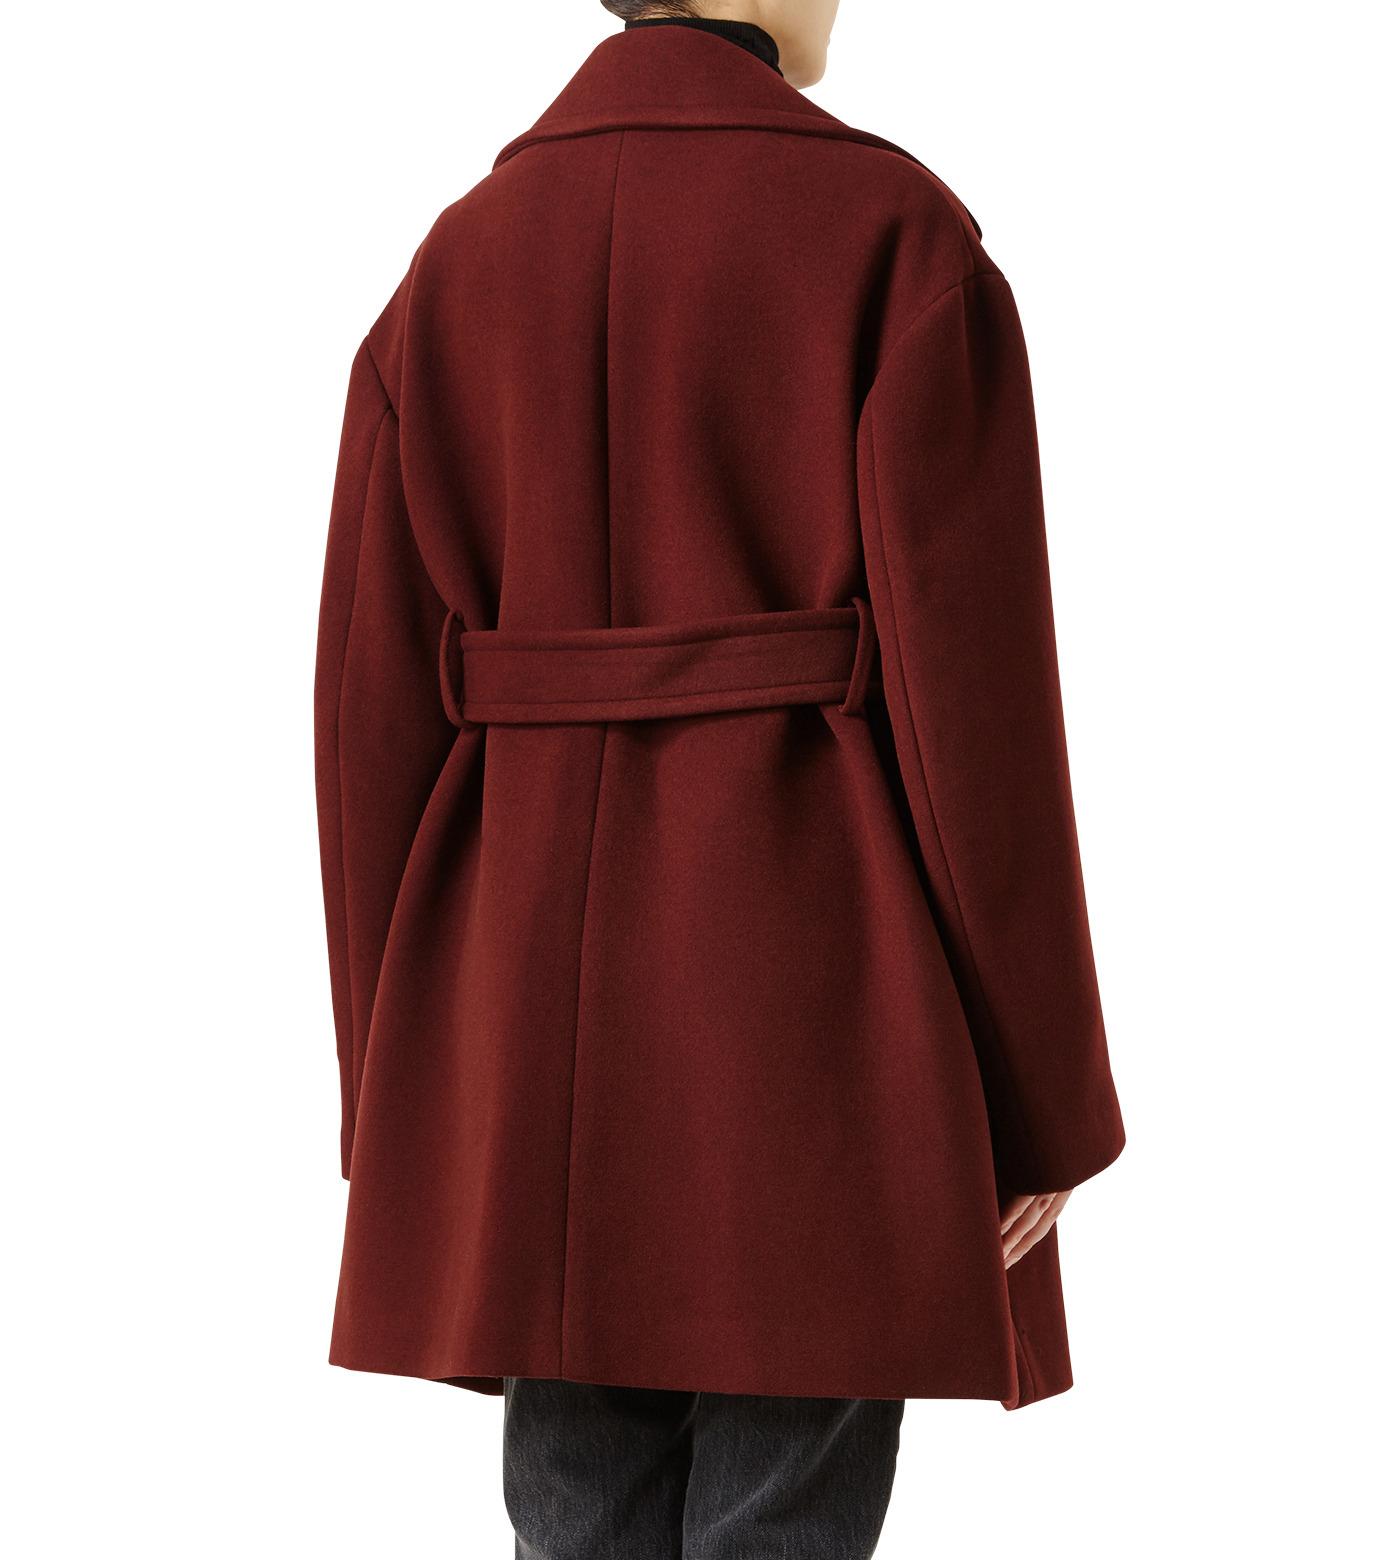 LE CIEL BLEU(ルシェルブルー)のベルトオーバーコート-BORDEAUX(コート/coat)-18A69512 拡大詳細画像2